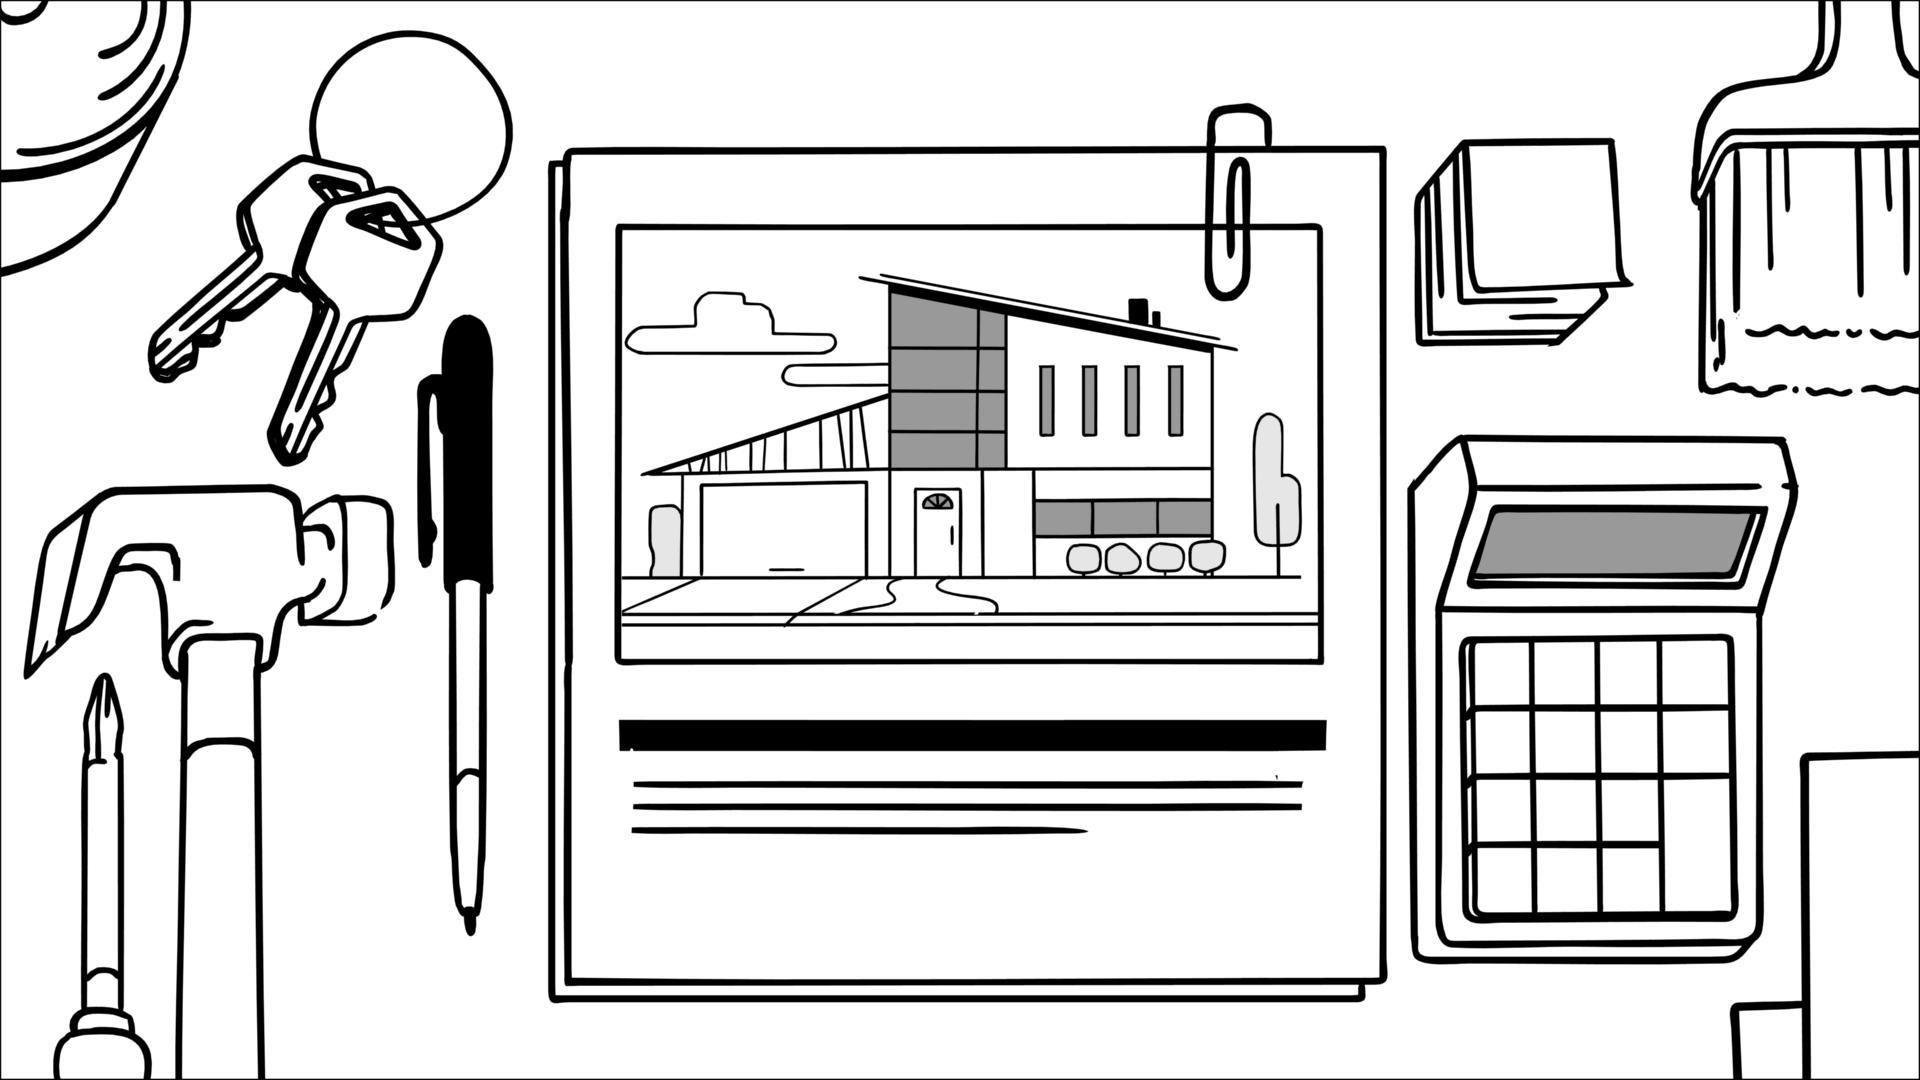 Opendoor_Storyboards-1-02.jpg